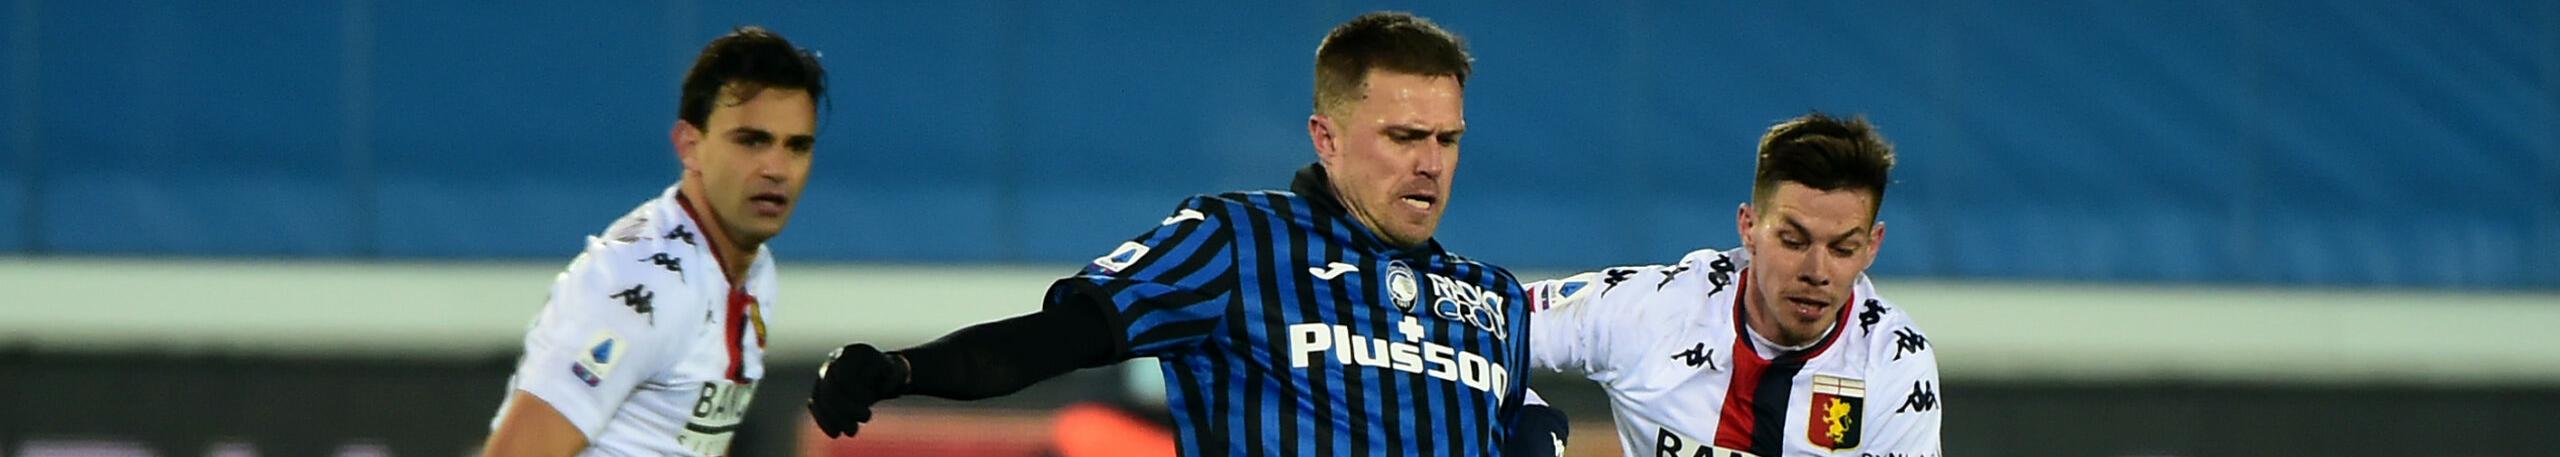 Genoa-Atalanta, l'ex Gasp cerca punti Champions in casa del Grifone